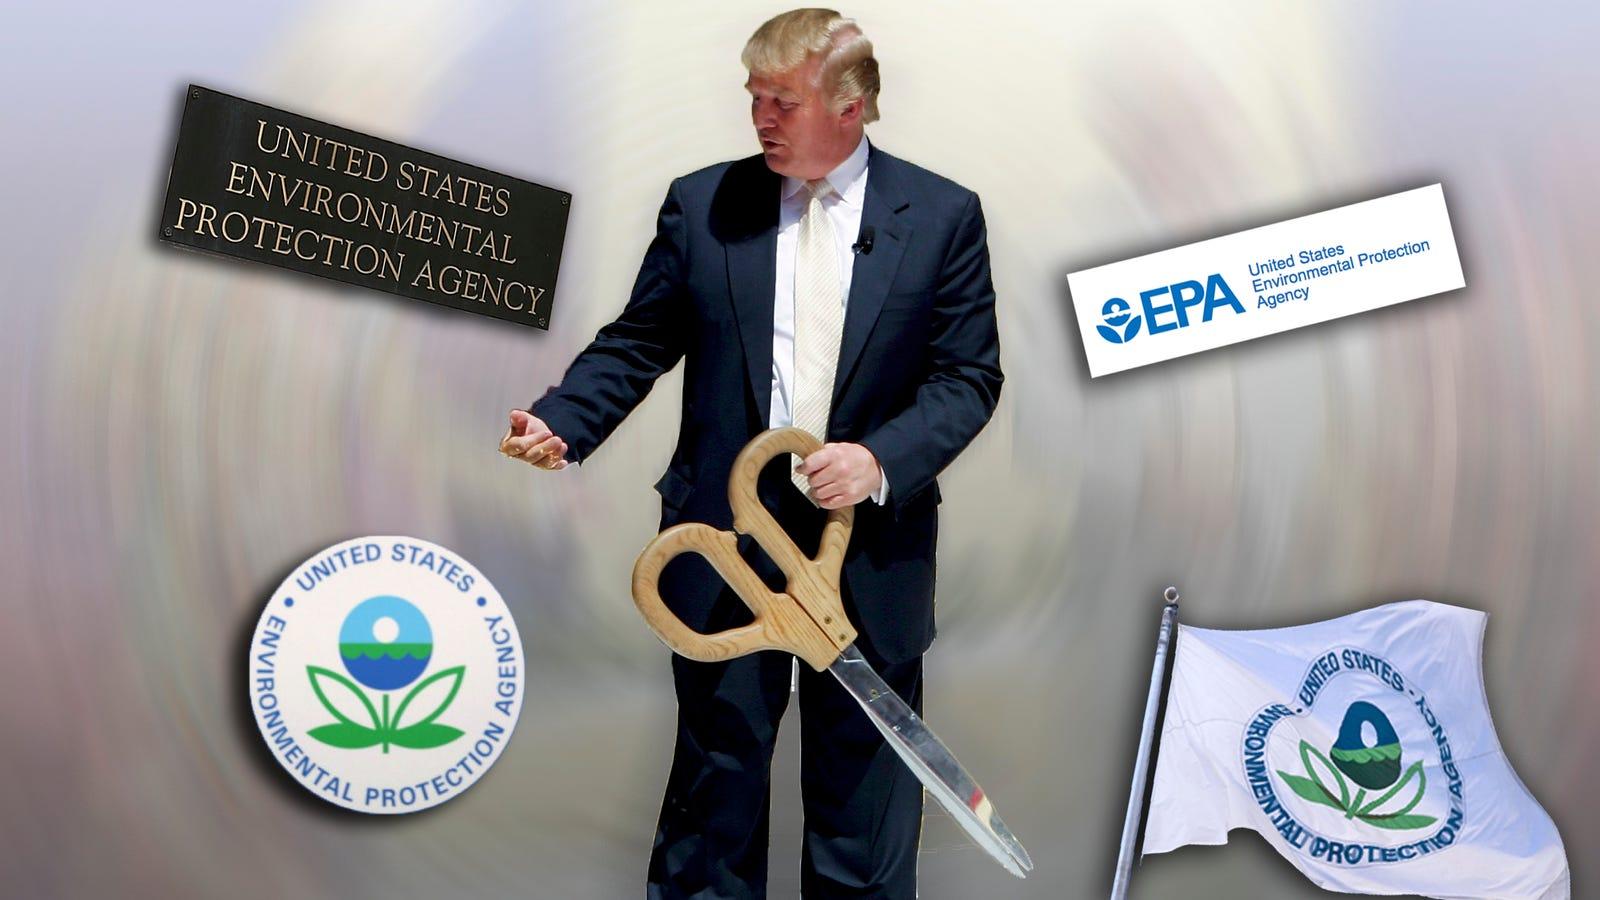 Report: Trump to Announce Massive EPA Cuts